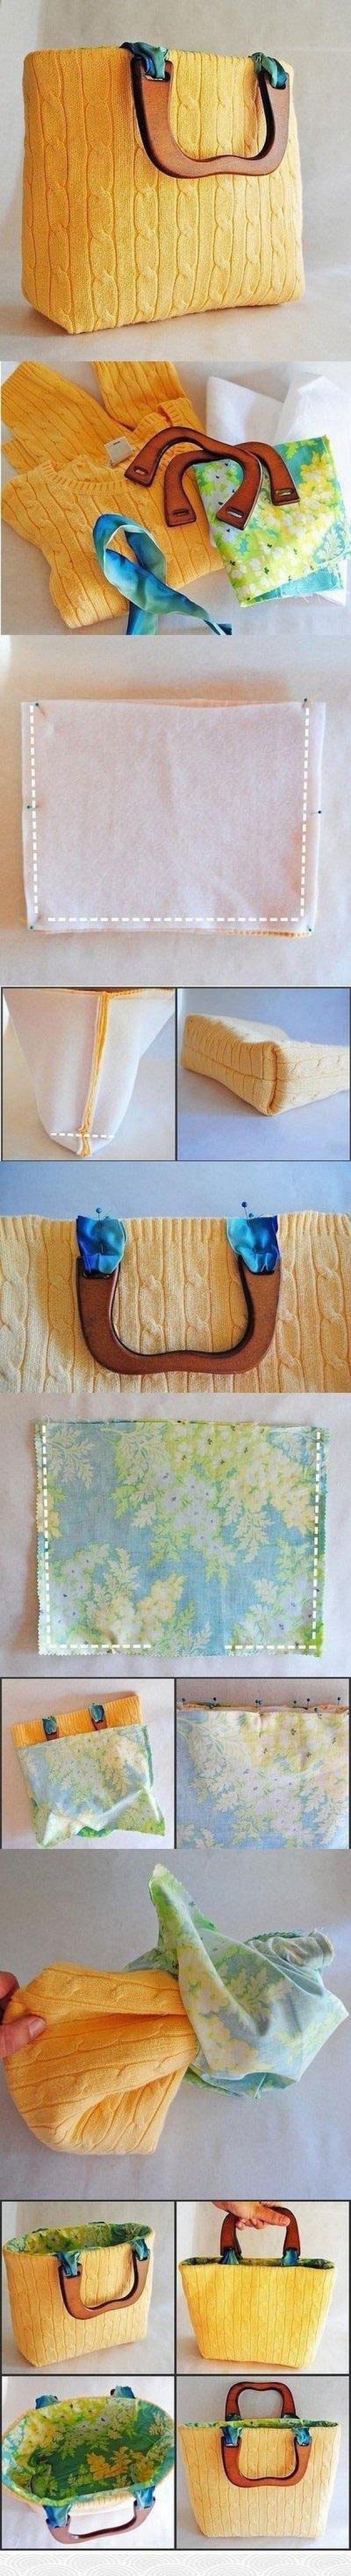 Leuk om zelf te maken   van oude trui naar nieuwe tas Door Harni